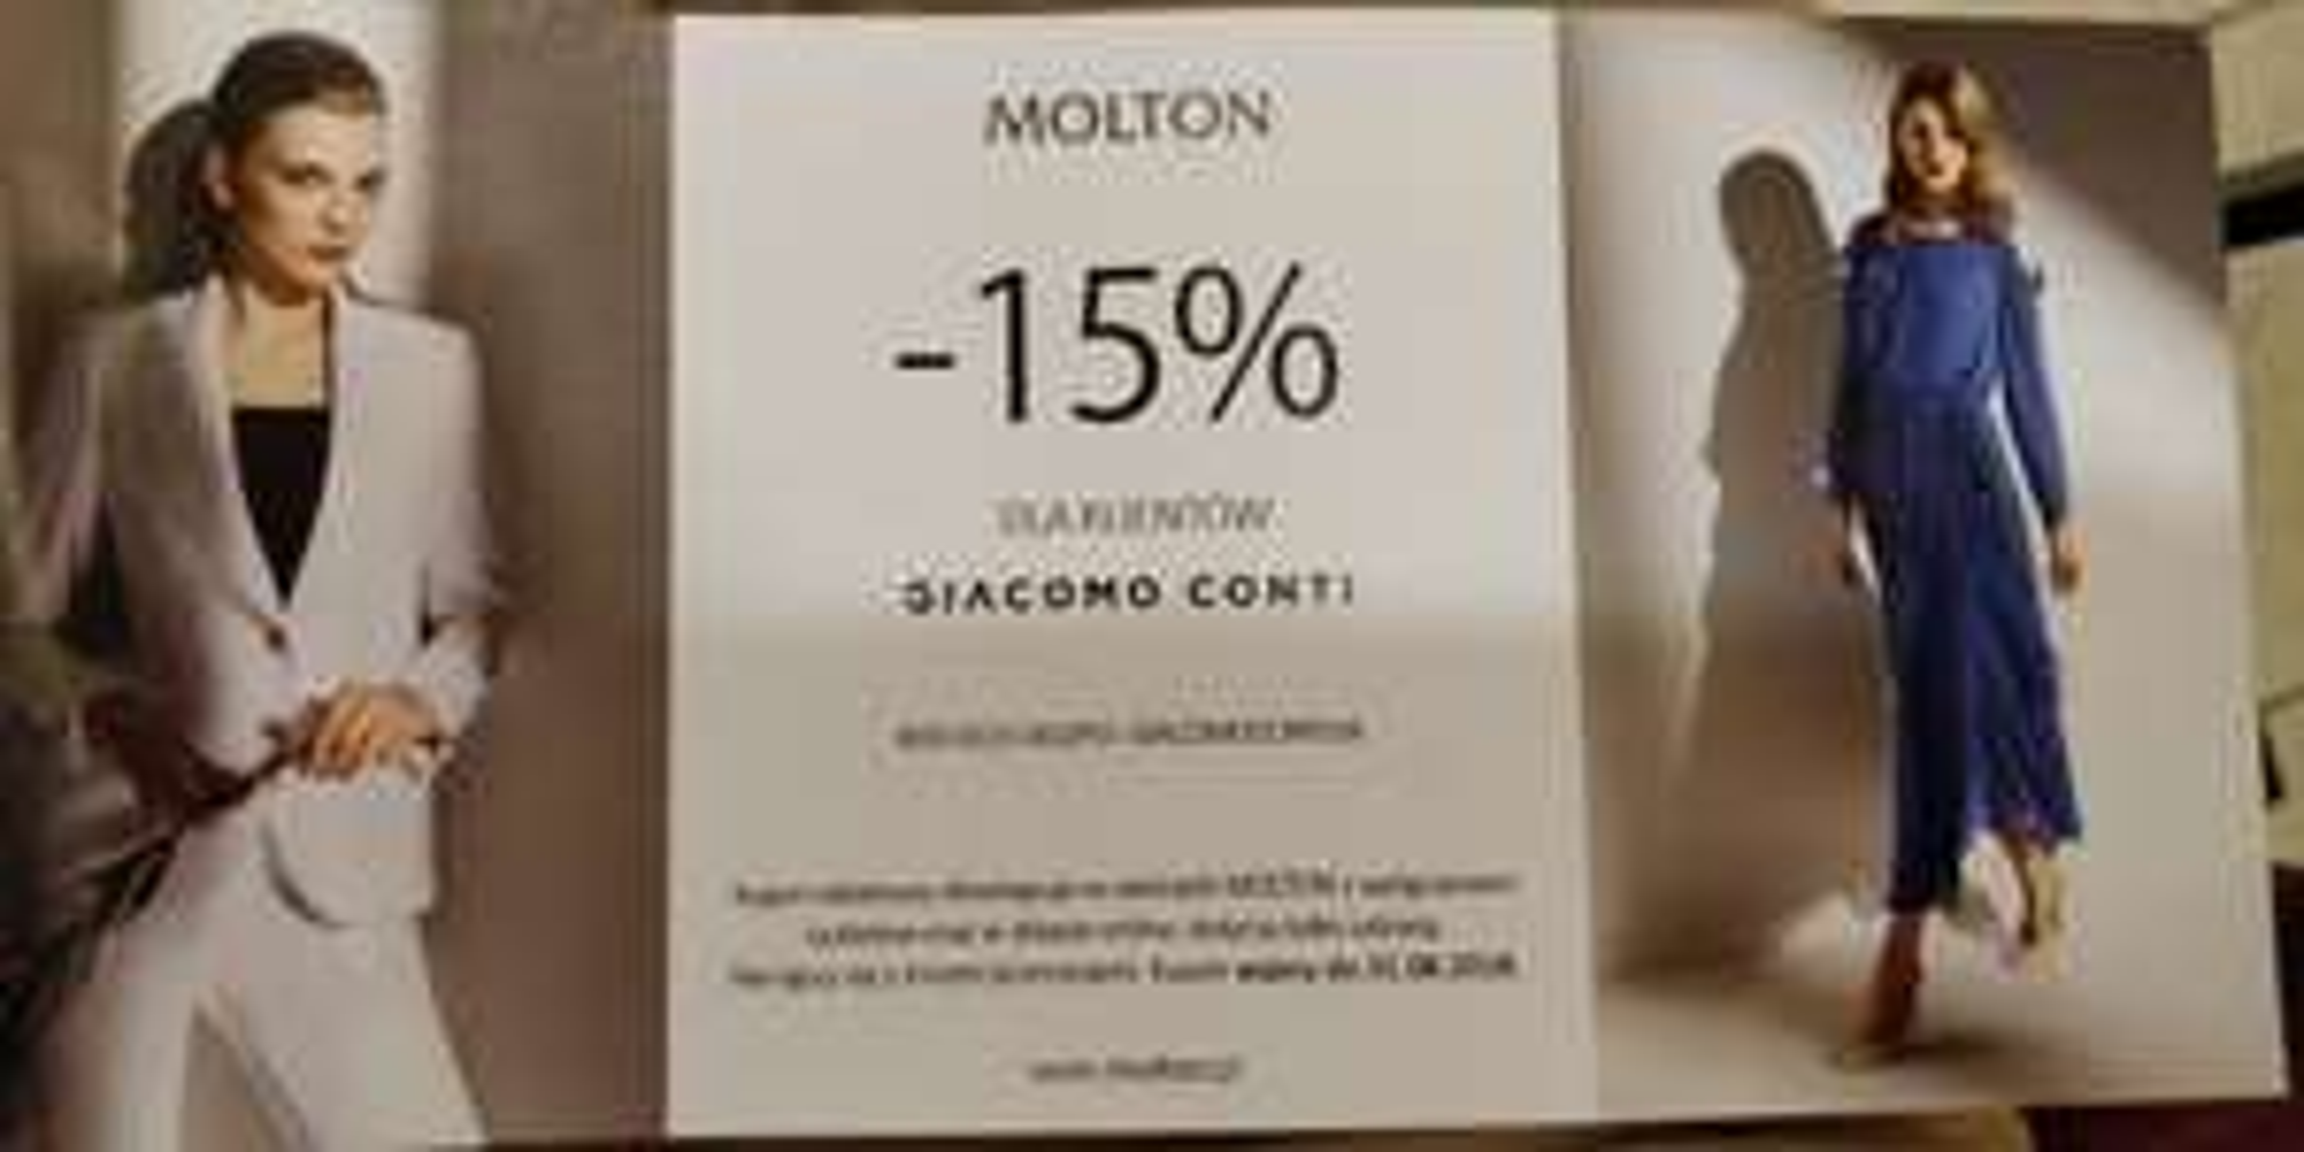 MOLTON  15% rabatu w sklepie internetowym